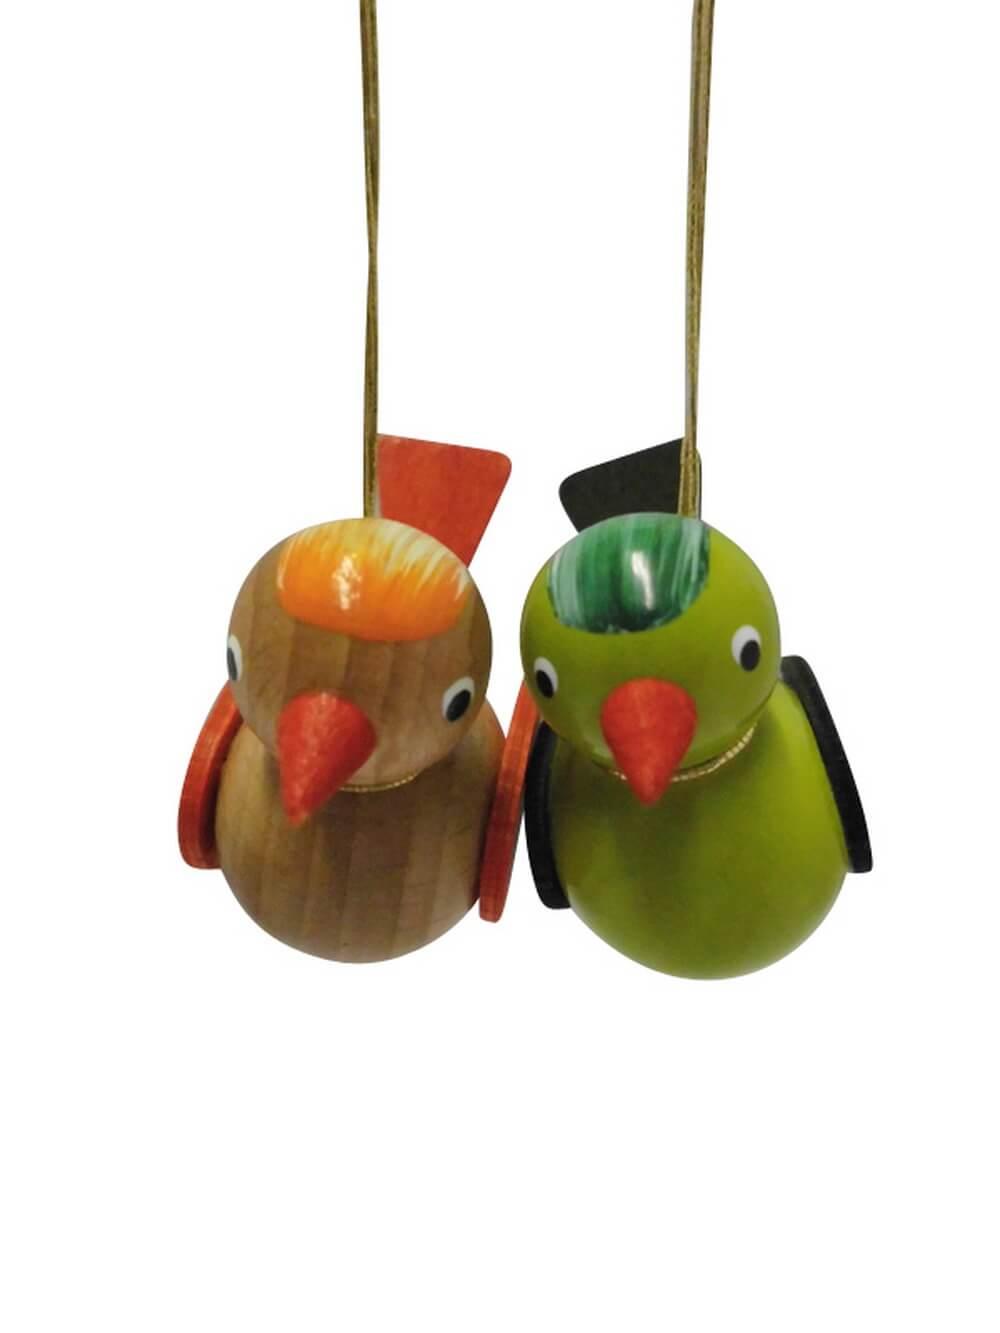 Vögel zum hängen, farbig, grün/ braun, 2 Stück, 5 x 4 cm, Nestler-Seiffen.com OHG Seiffen/ Erzgebirge